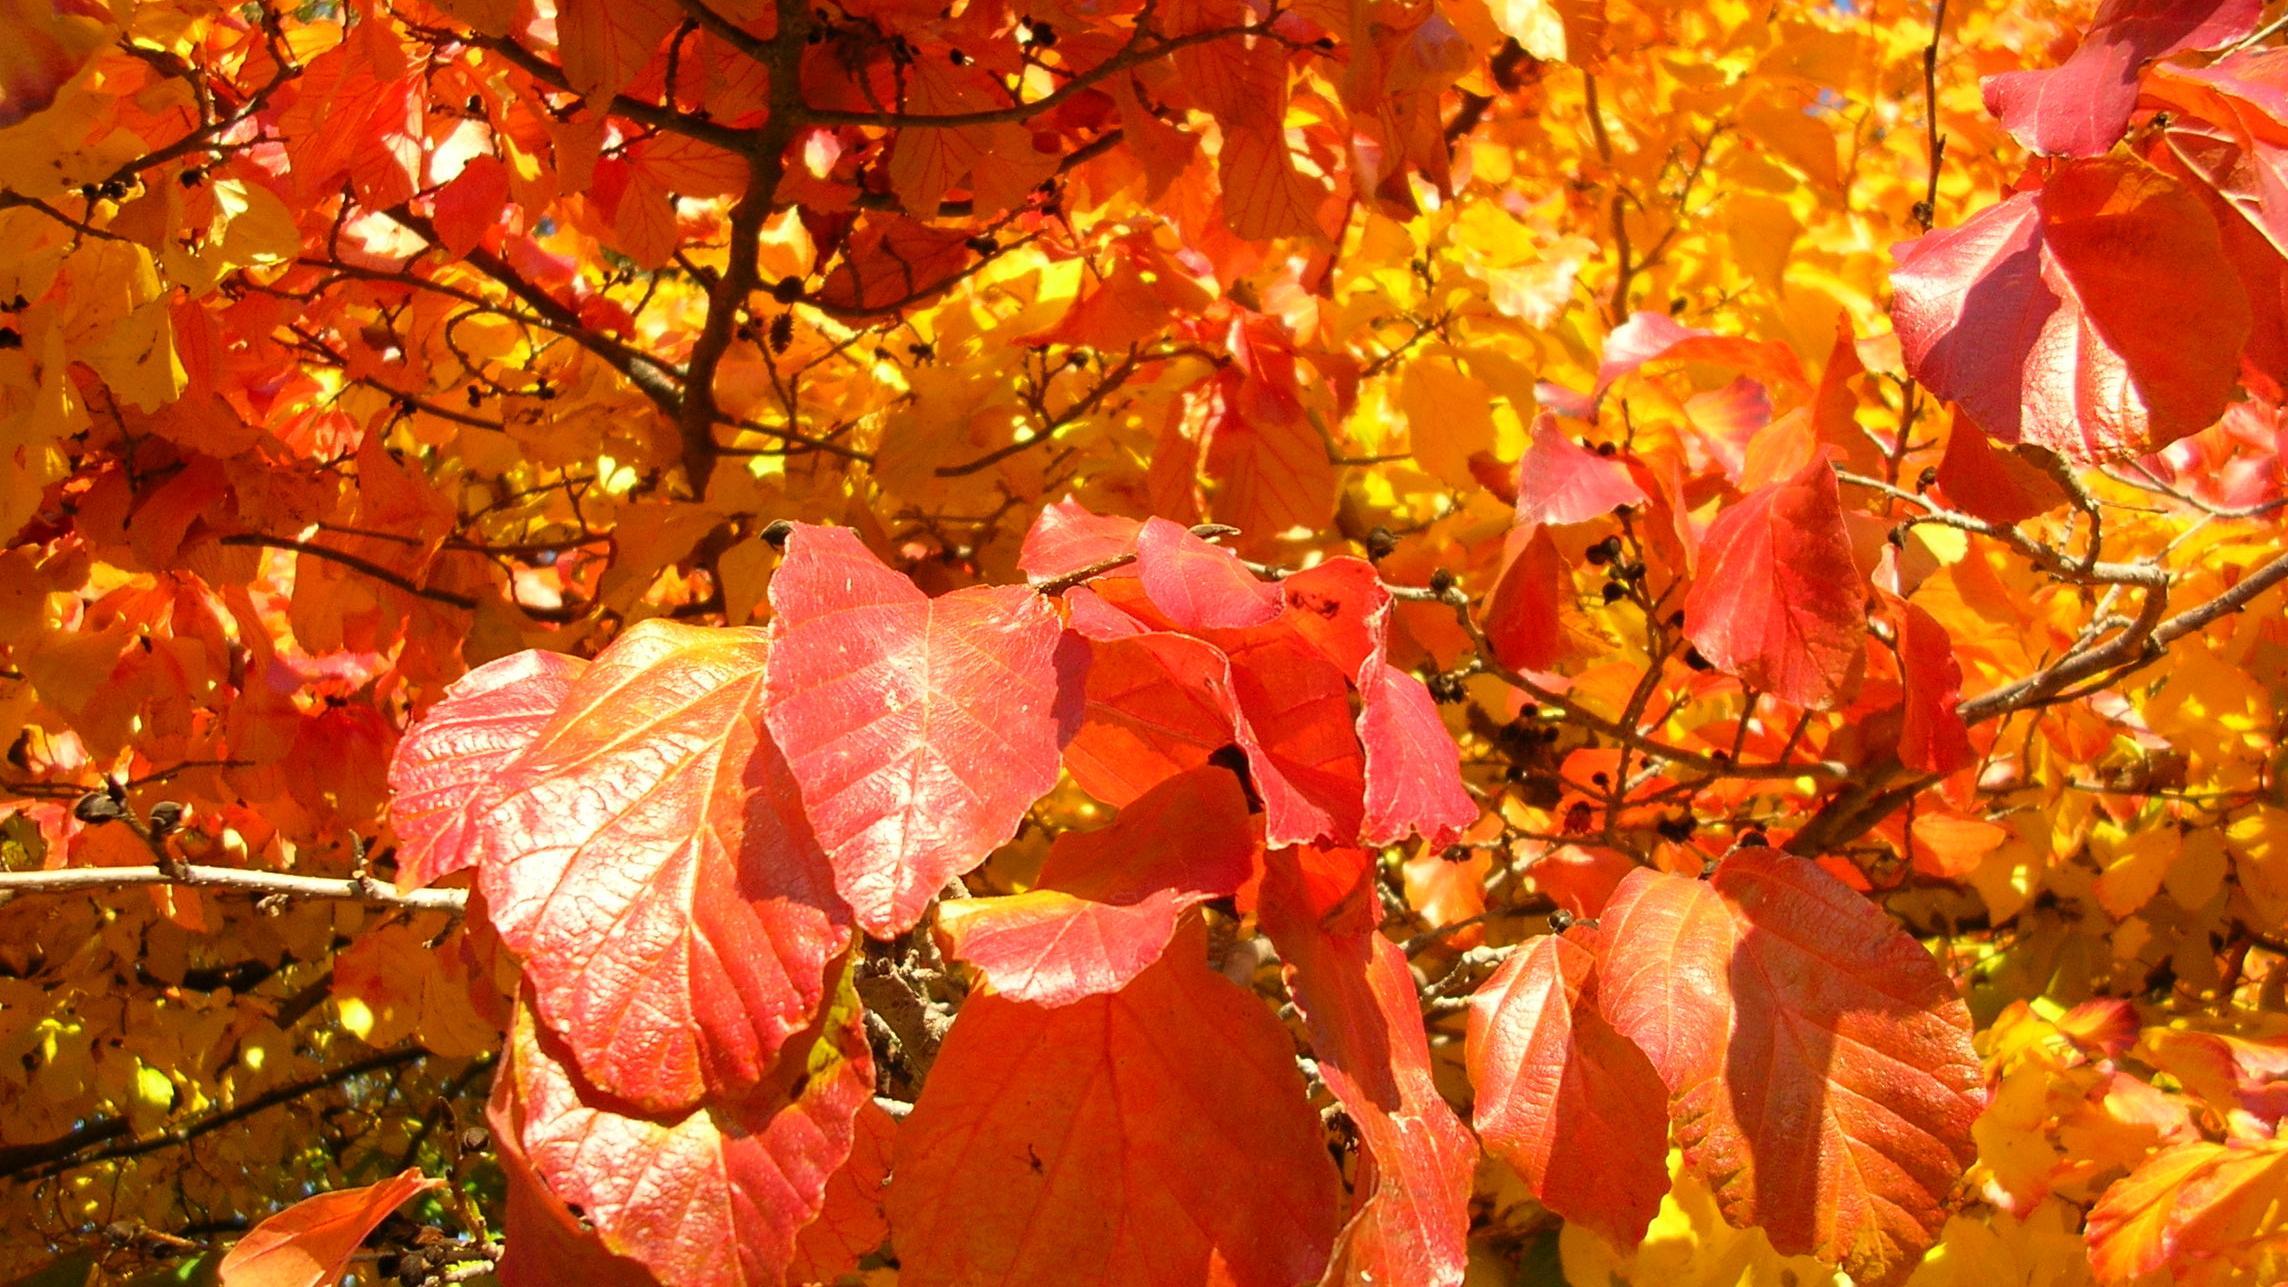 Gegen Herbstblues können Sie auch ankämpfen – schließlich ist der Herbst eine äußerst schöne Jahreszeit.